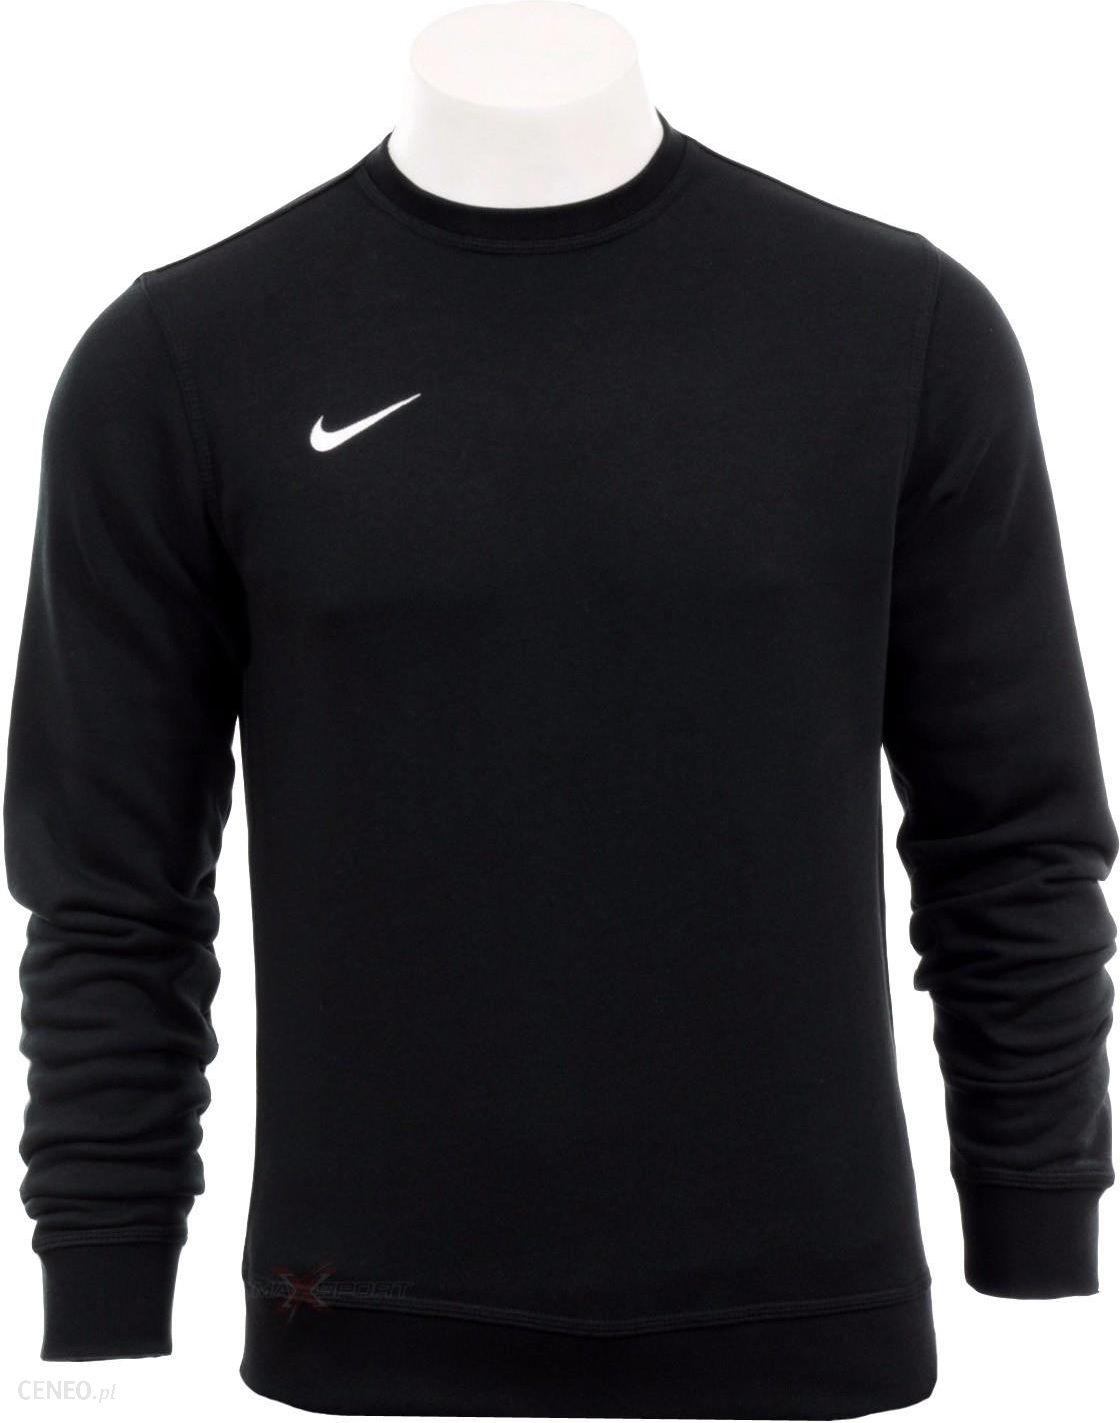 NIKE bluza klasyczna BAWEŁNIANA rozmiar XL czarna